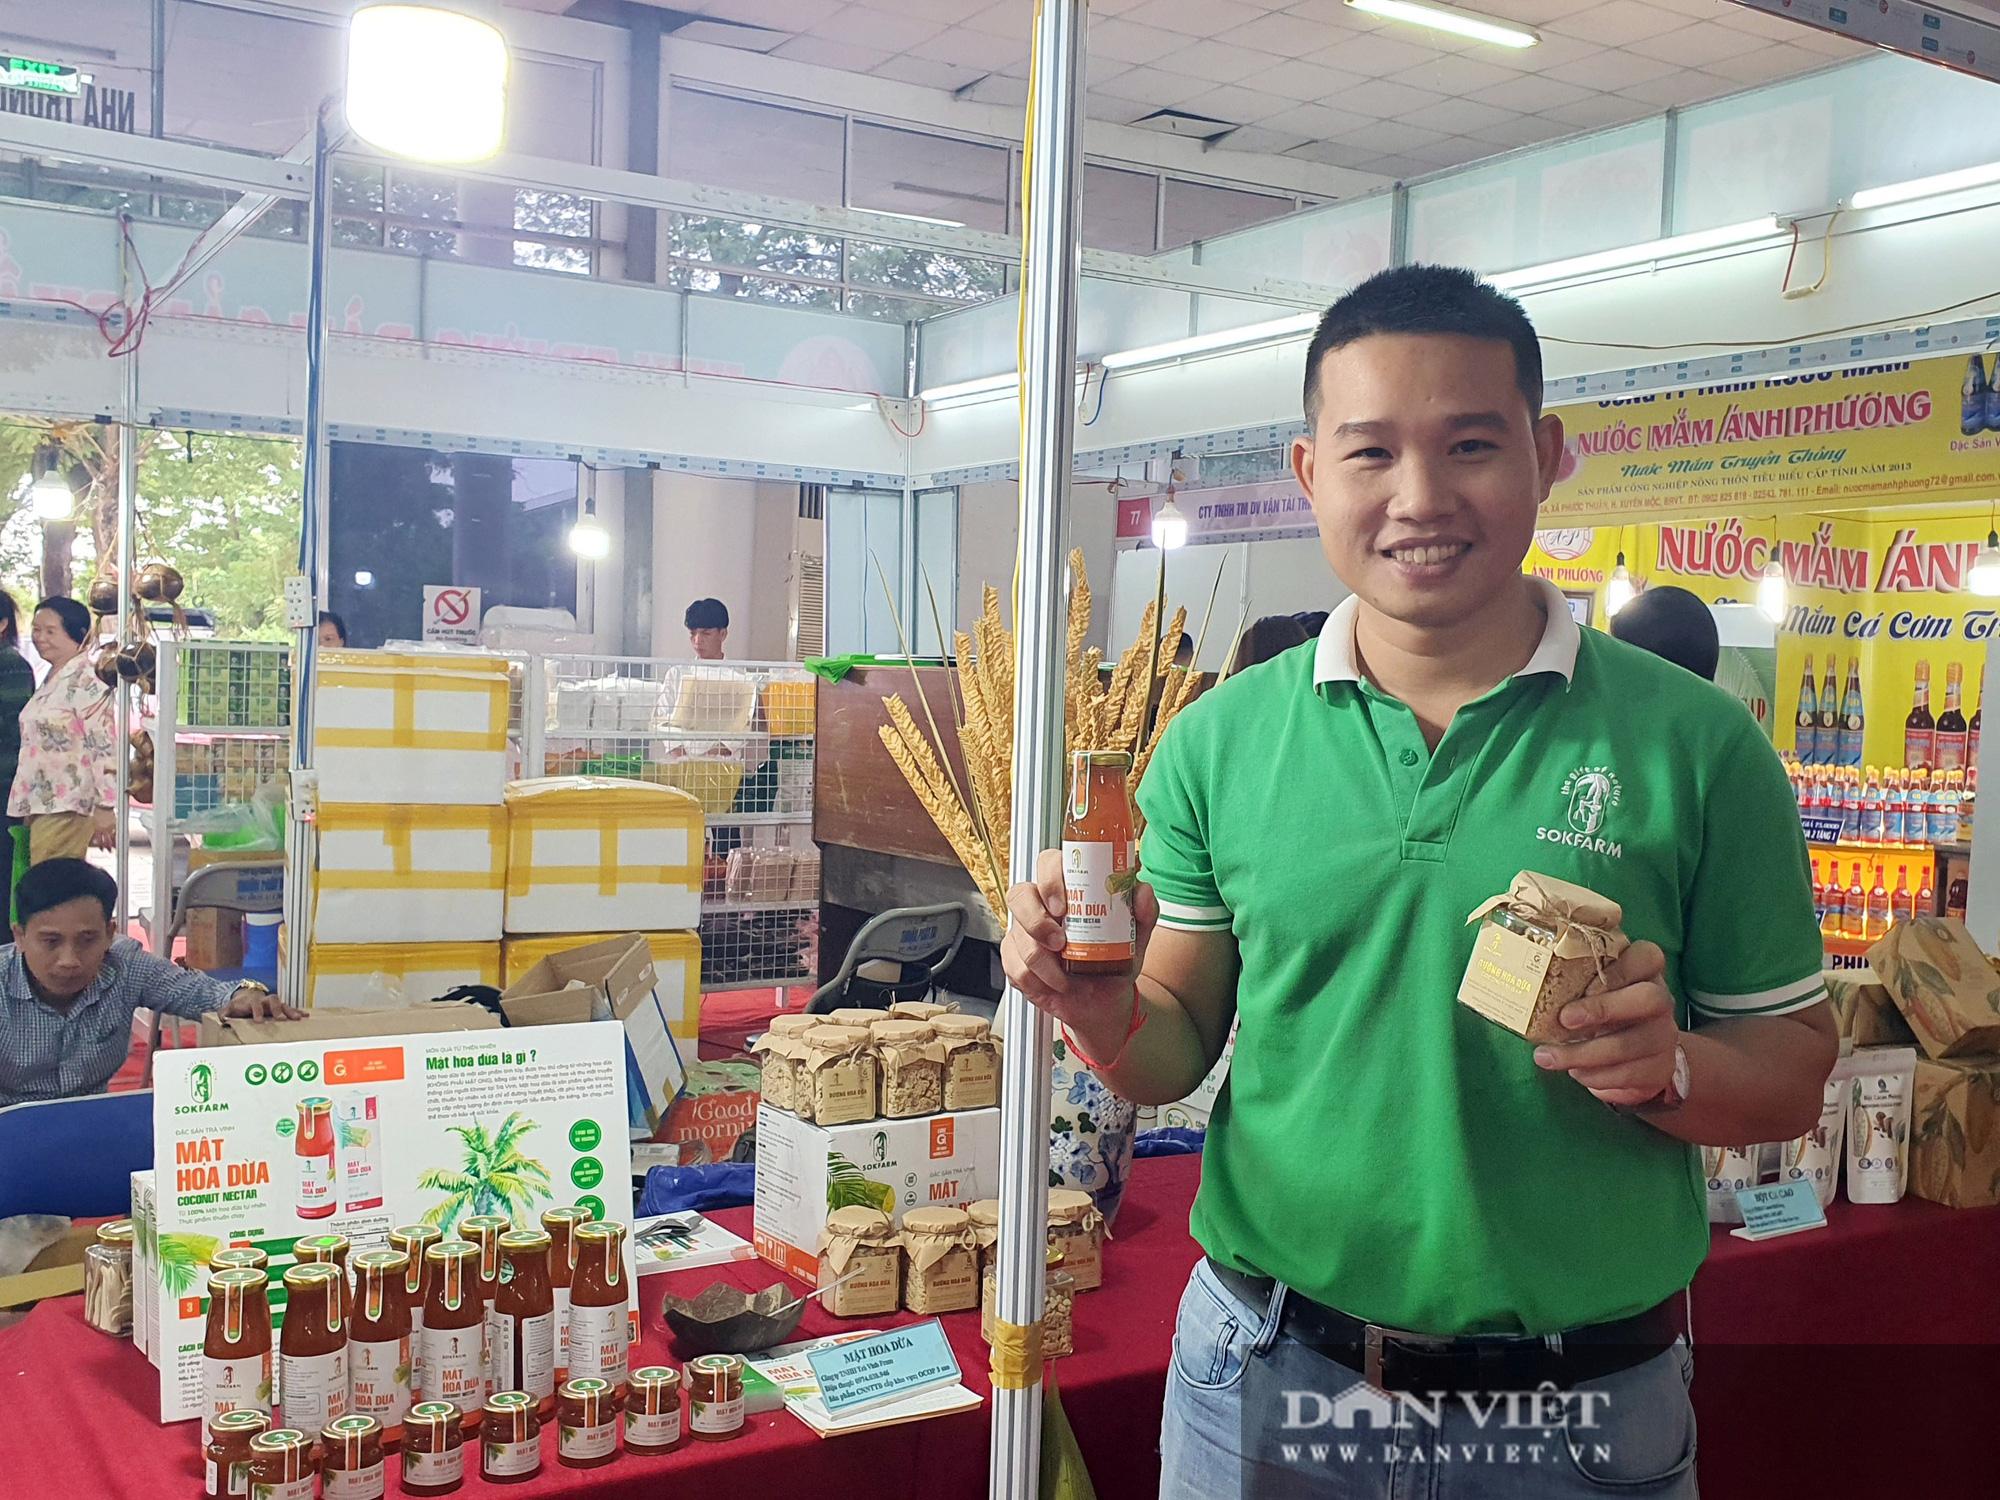 Cần Thơ: Hàng loạt sản phẩm mới lạ xuất hiện tại Hội chợ nông nghiệp quốc tế Việt Nam, không xem sẽ rất tiếc nuối - Ảnh 1.